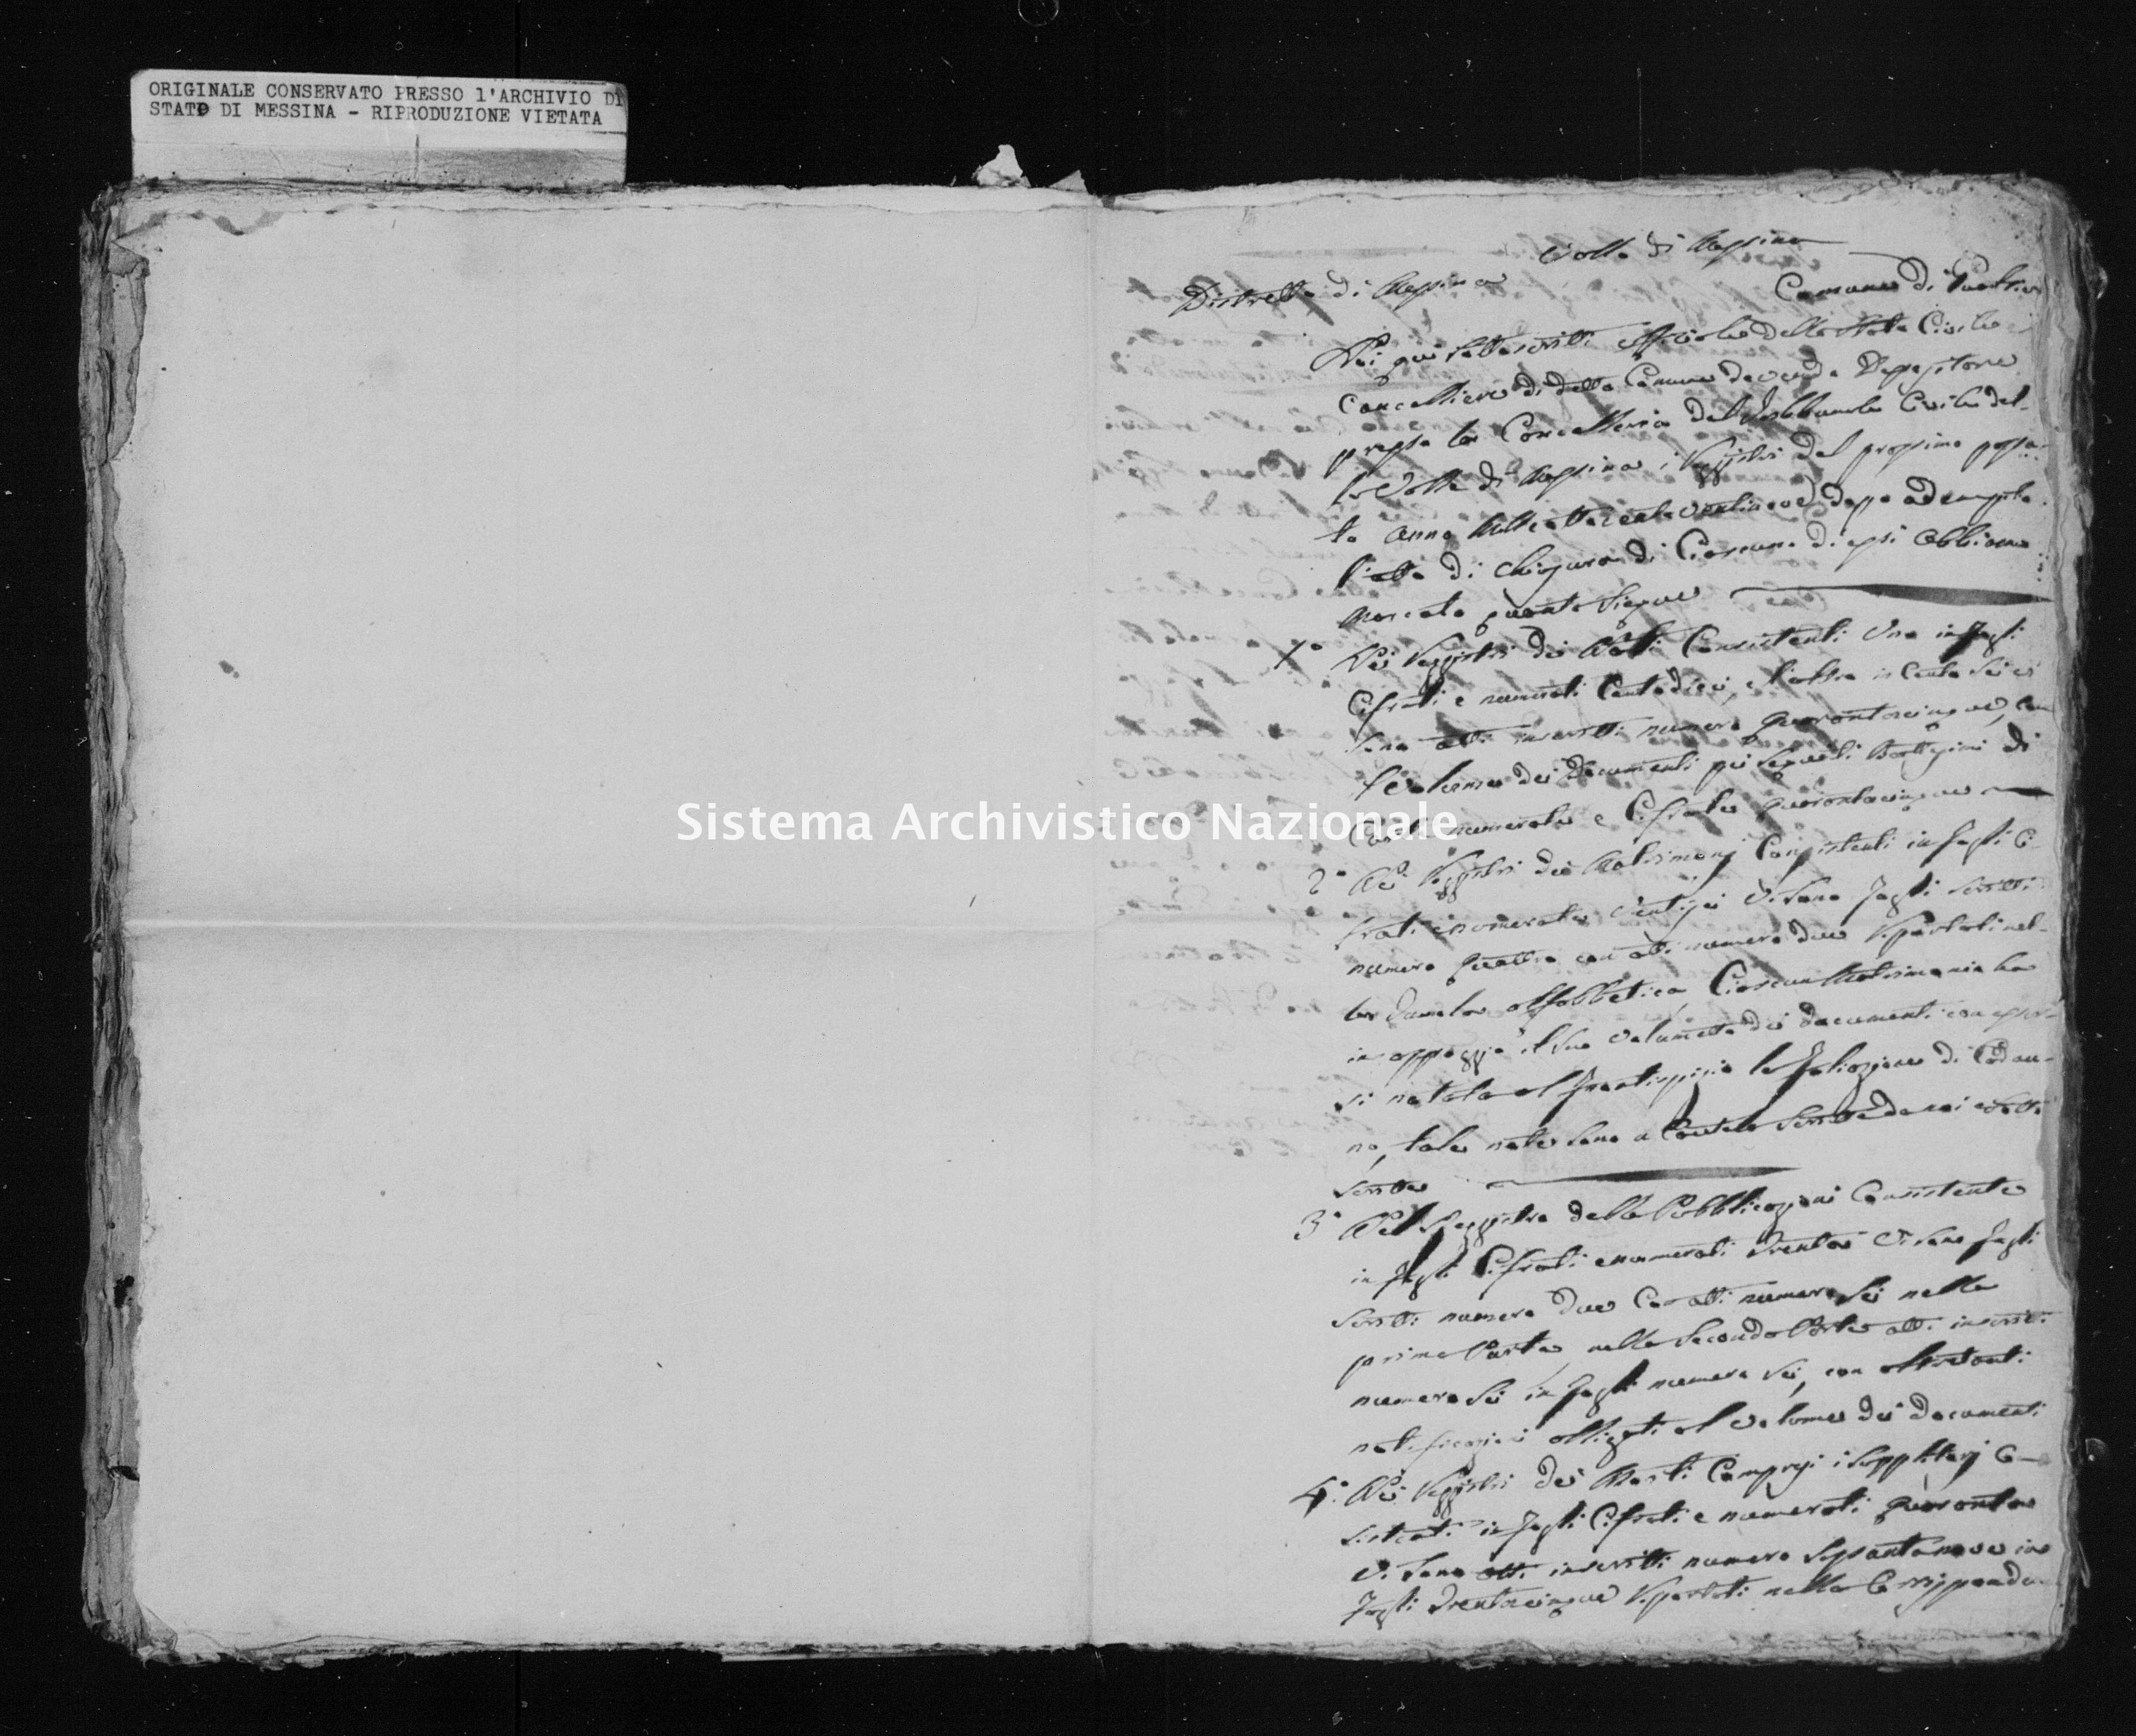 Archivio di stato di Messina - Stato civile della restaurazione - Gualtieri Sicaminò - Inventario - 1829 - 504 -